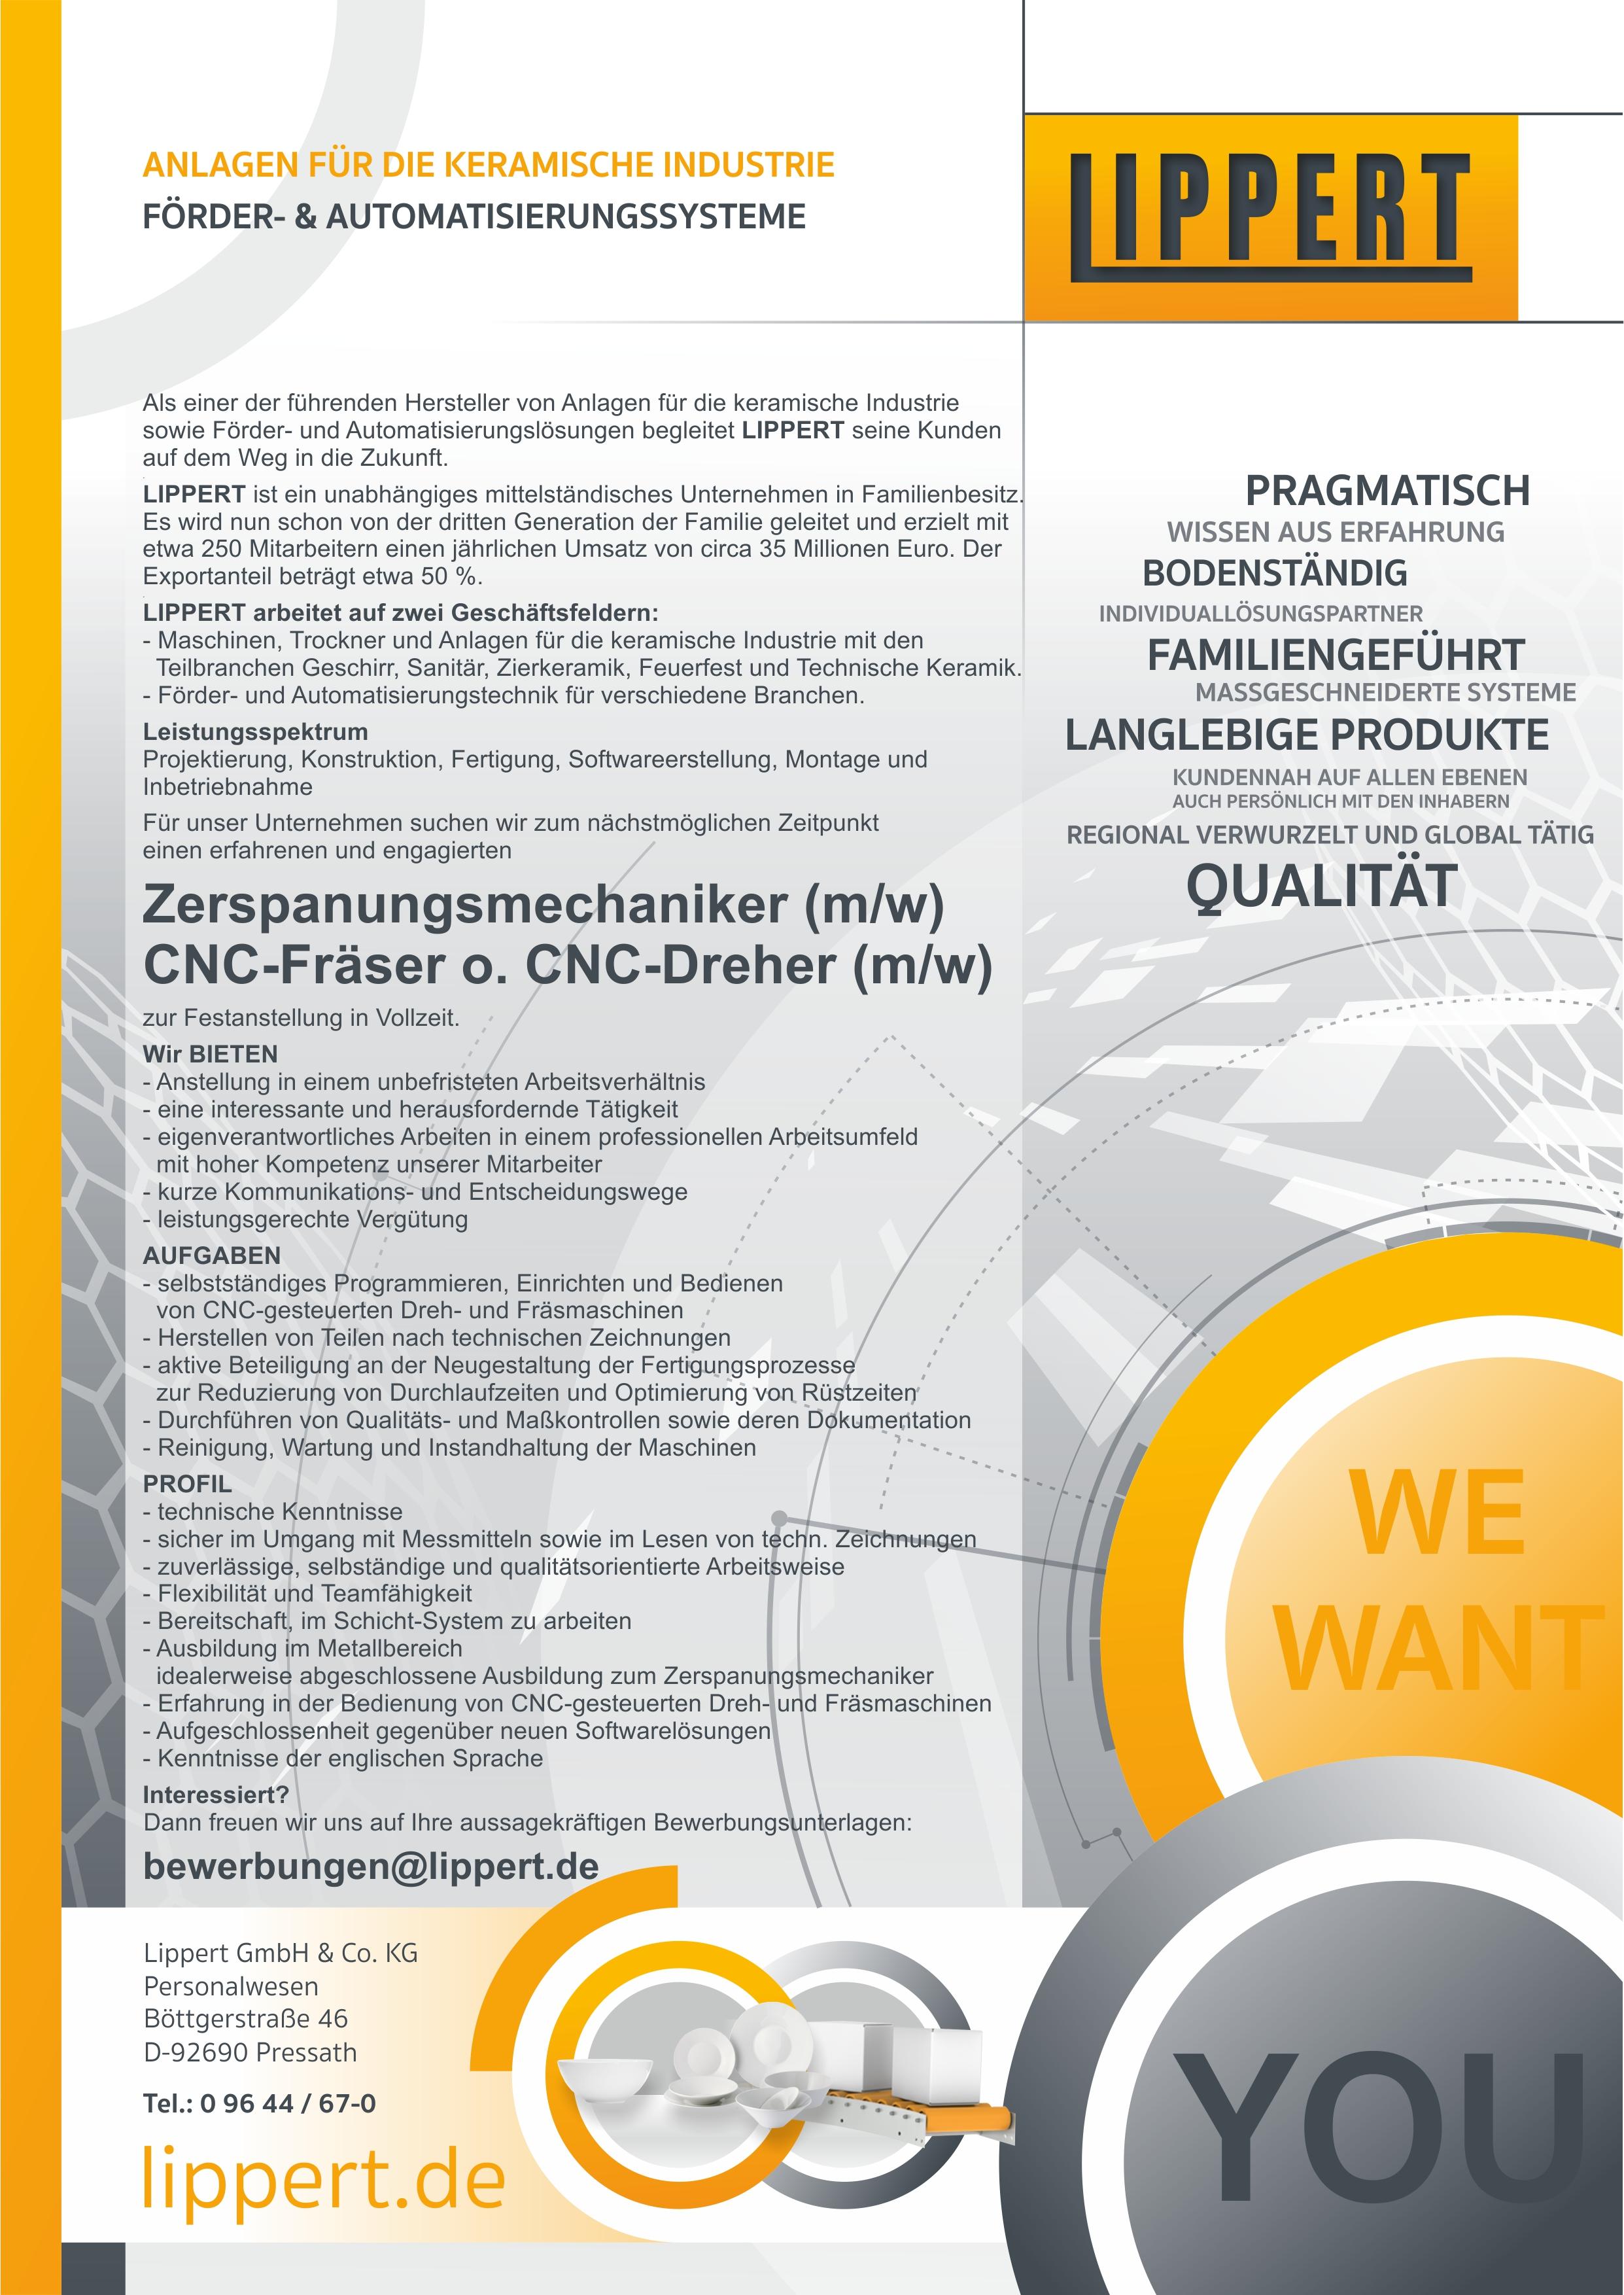 Zerspanungsmechaniker/CNC-Fräser/CNC-Dreher (m/w/d)